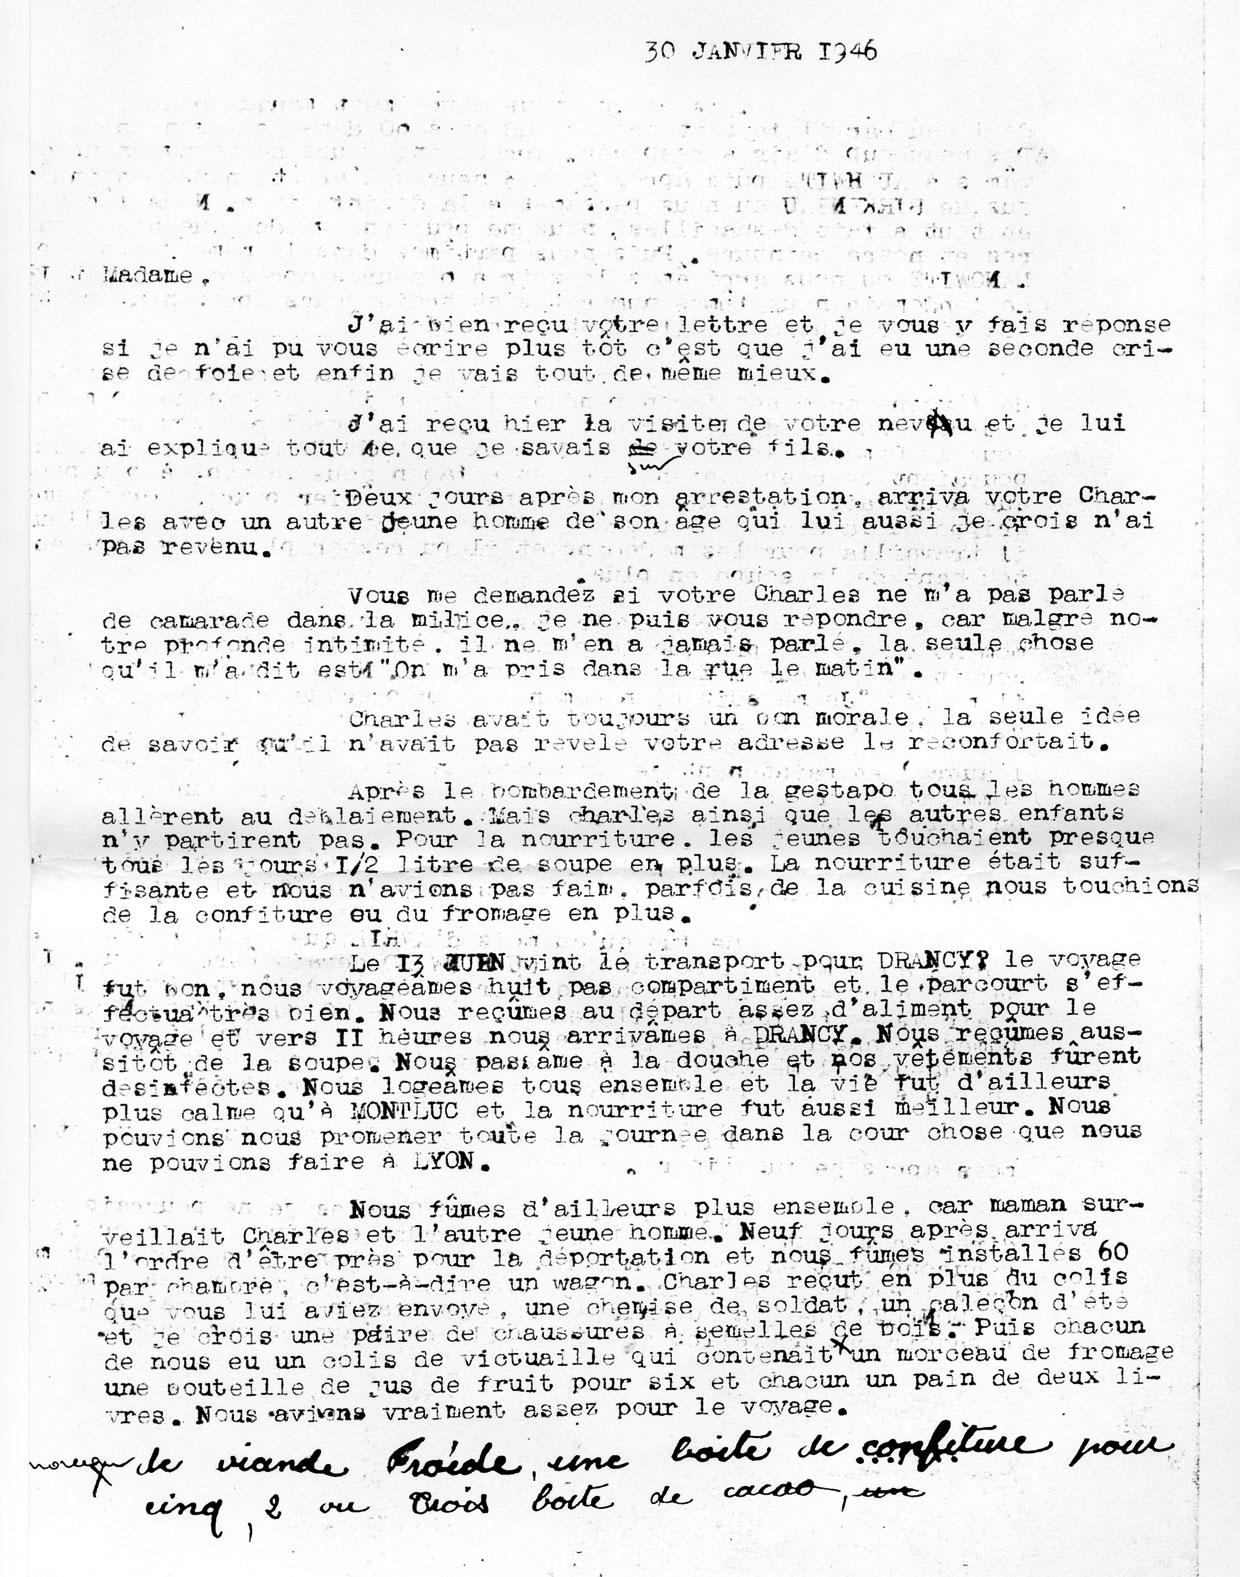 Lettre de témoignage de Wajeman à propos de Charles, page 1, Mechally, Saint-Fons